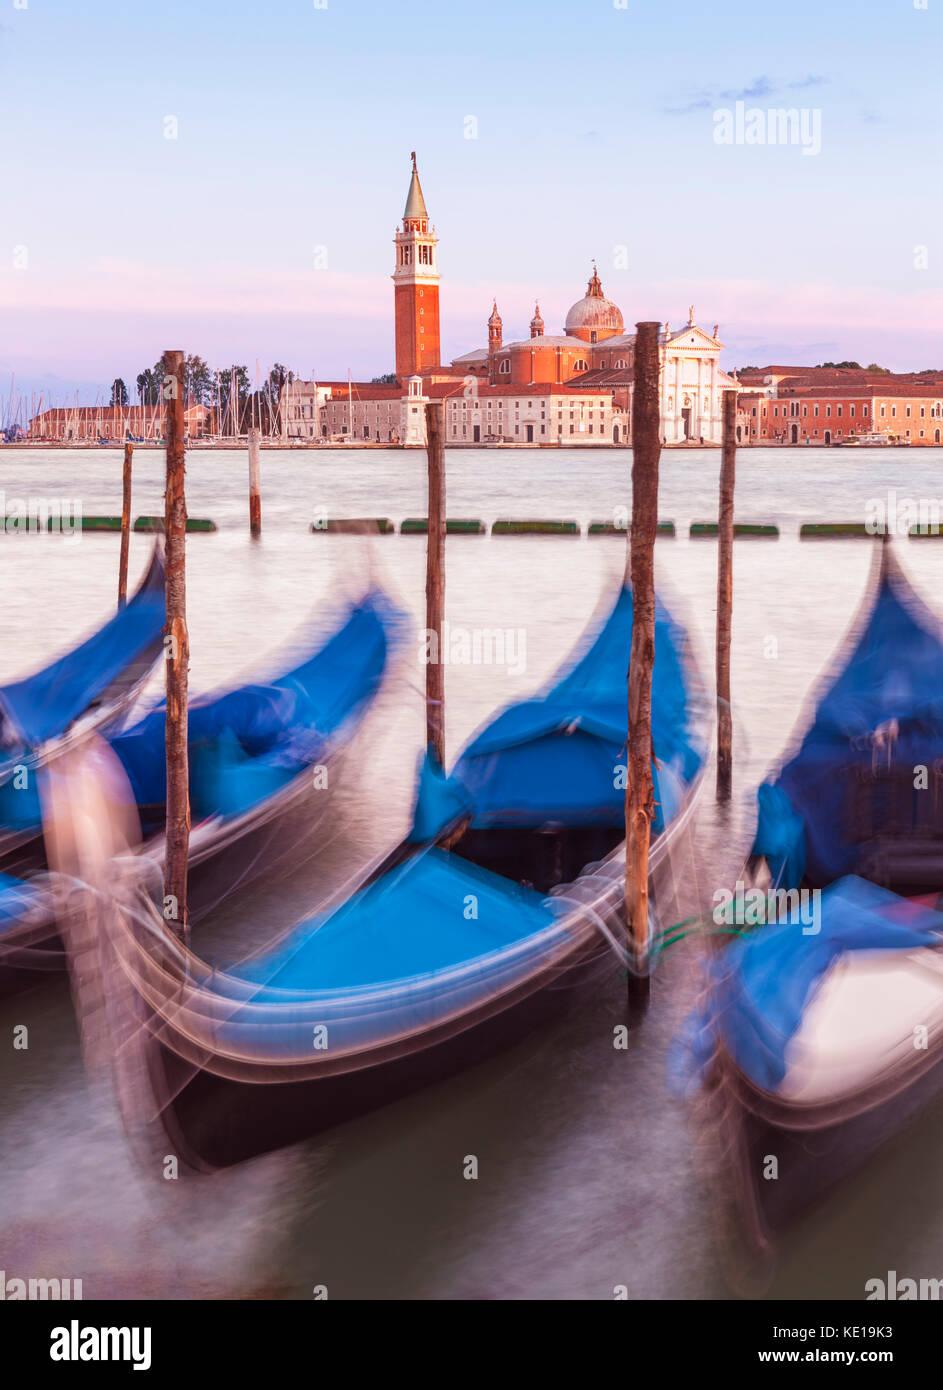 Italie Venise Italie amarré gondoles sur le Grand Canal Venise face à l'île de San Giorgio Maggiore Photo Stock